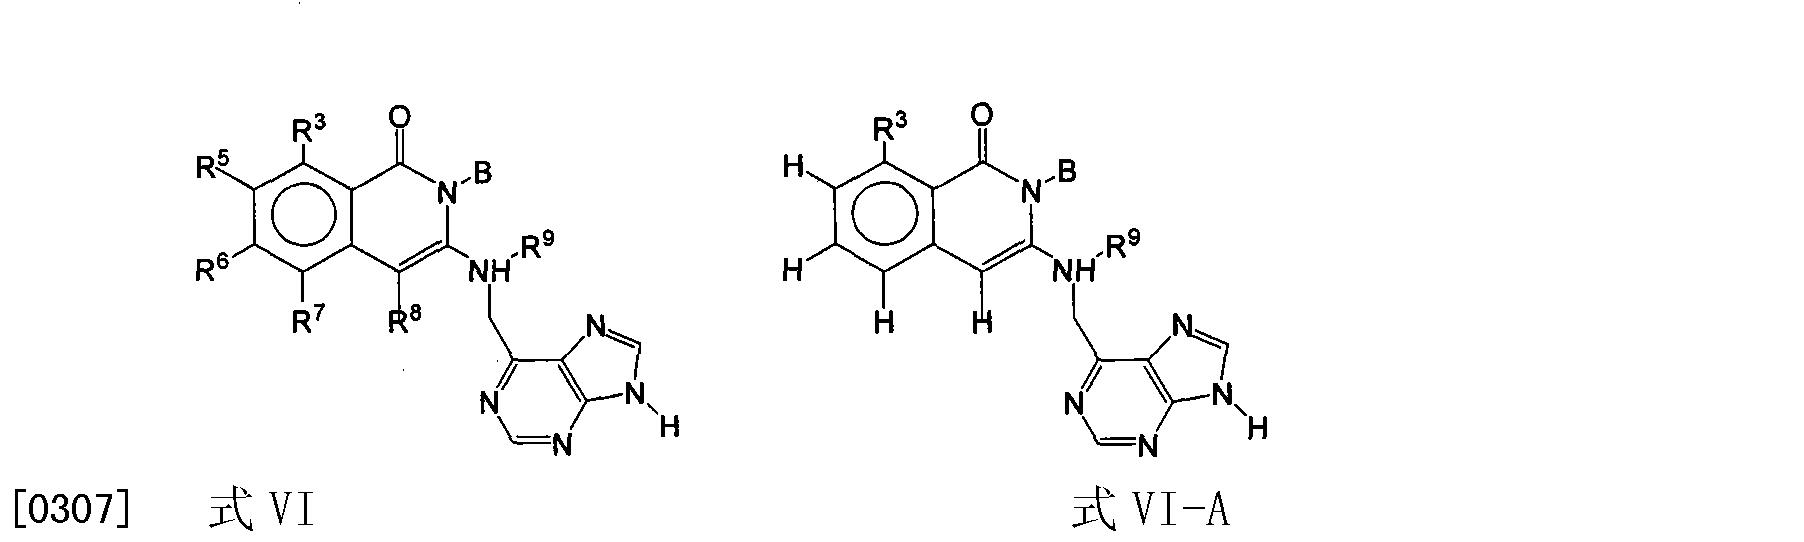 Figure CN101965335BD00413